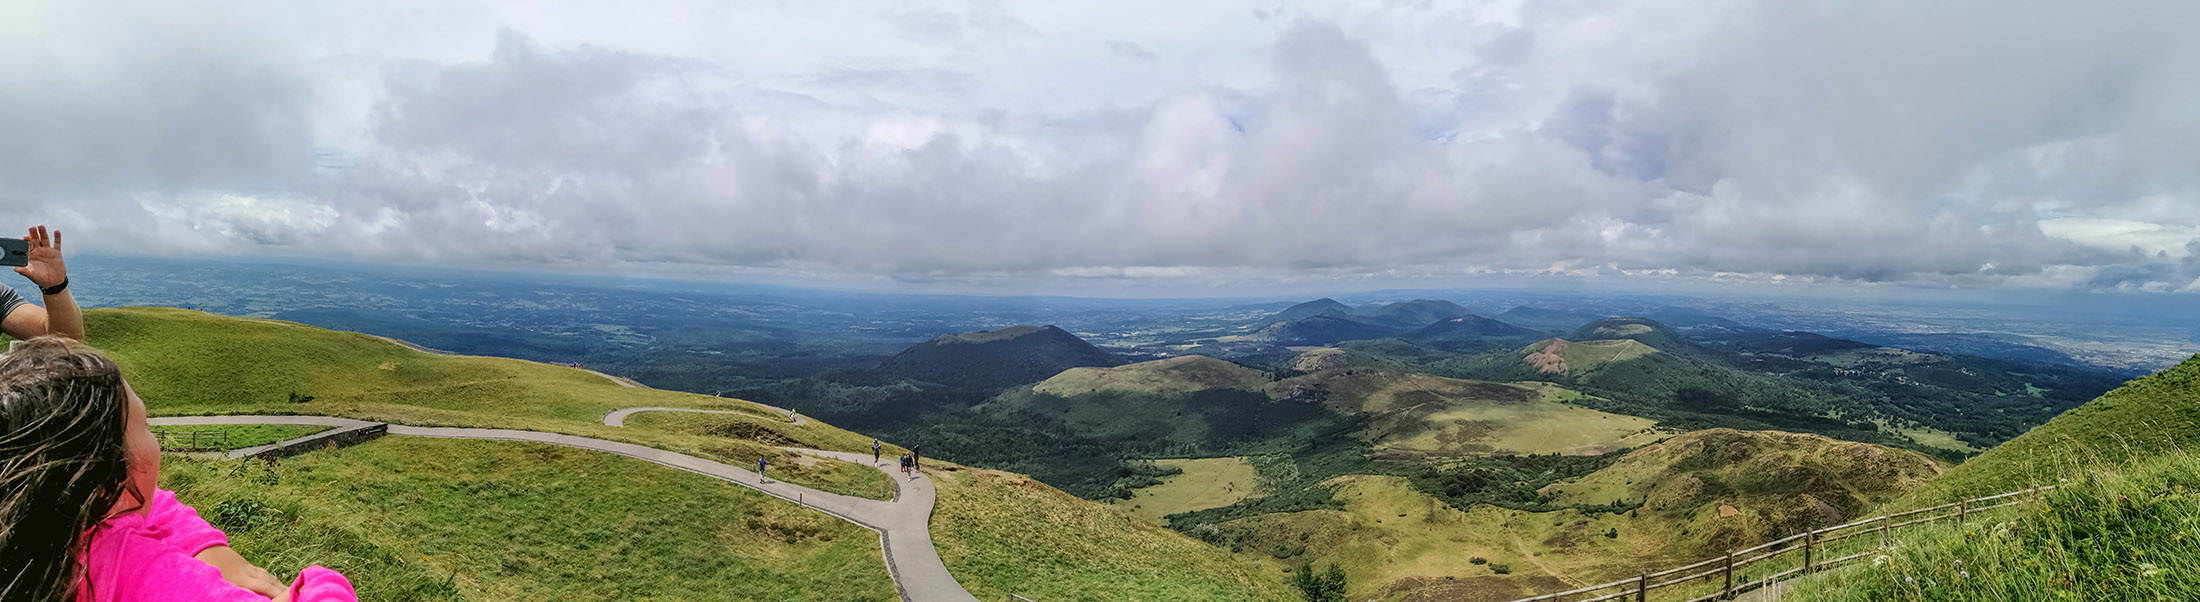 In der Auvergne. Foto: Renée Pausch